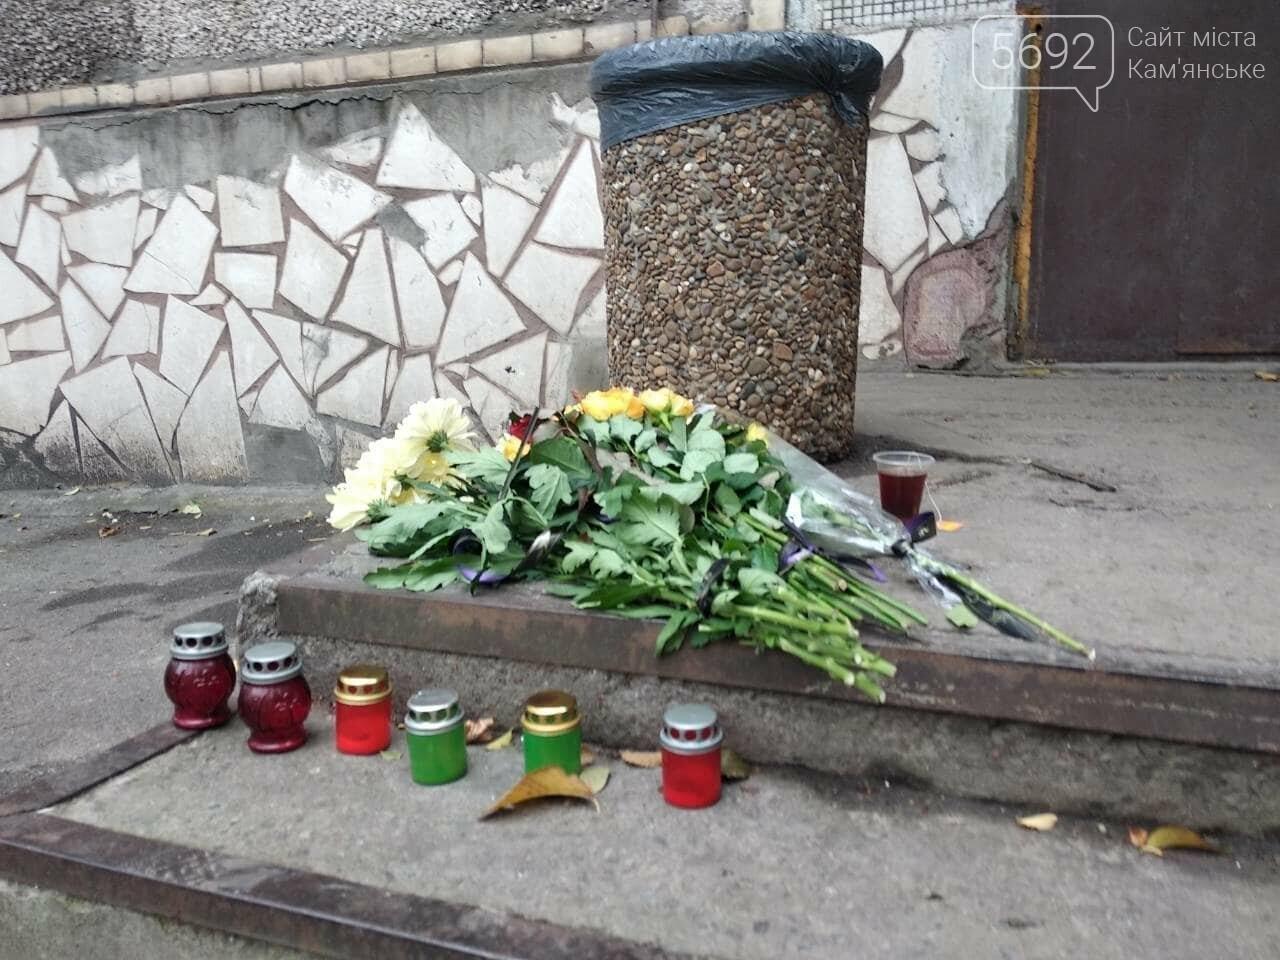 Год со дня трагедии на улице 8 Марта в Каменском: какие выводы сделали чиновники, фото-1